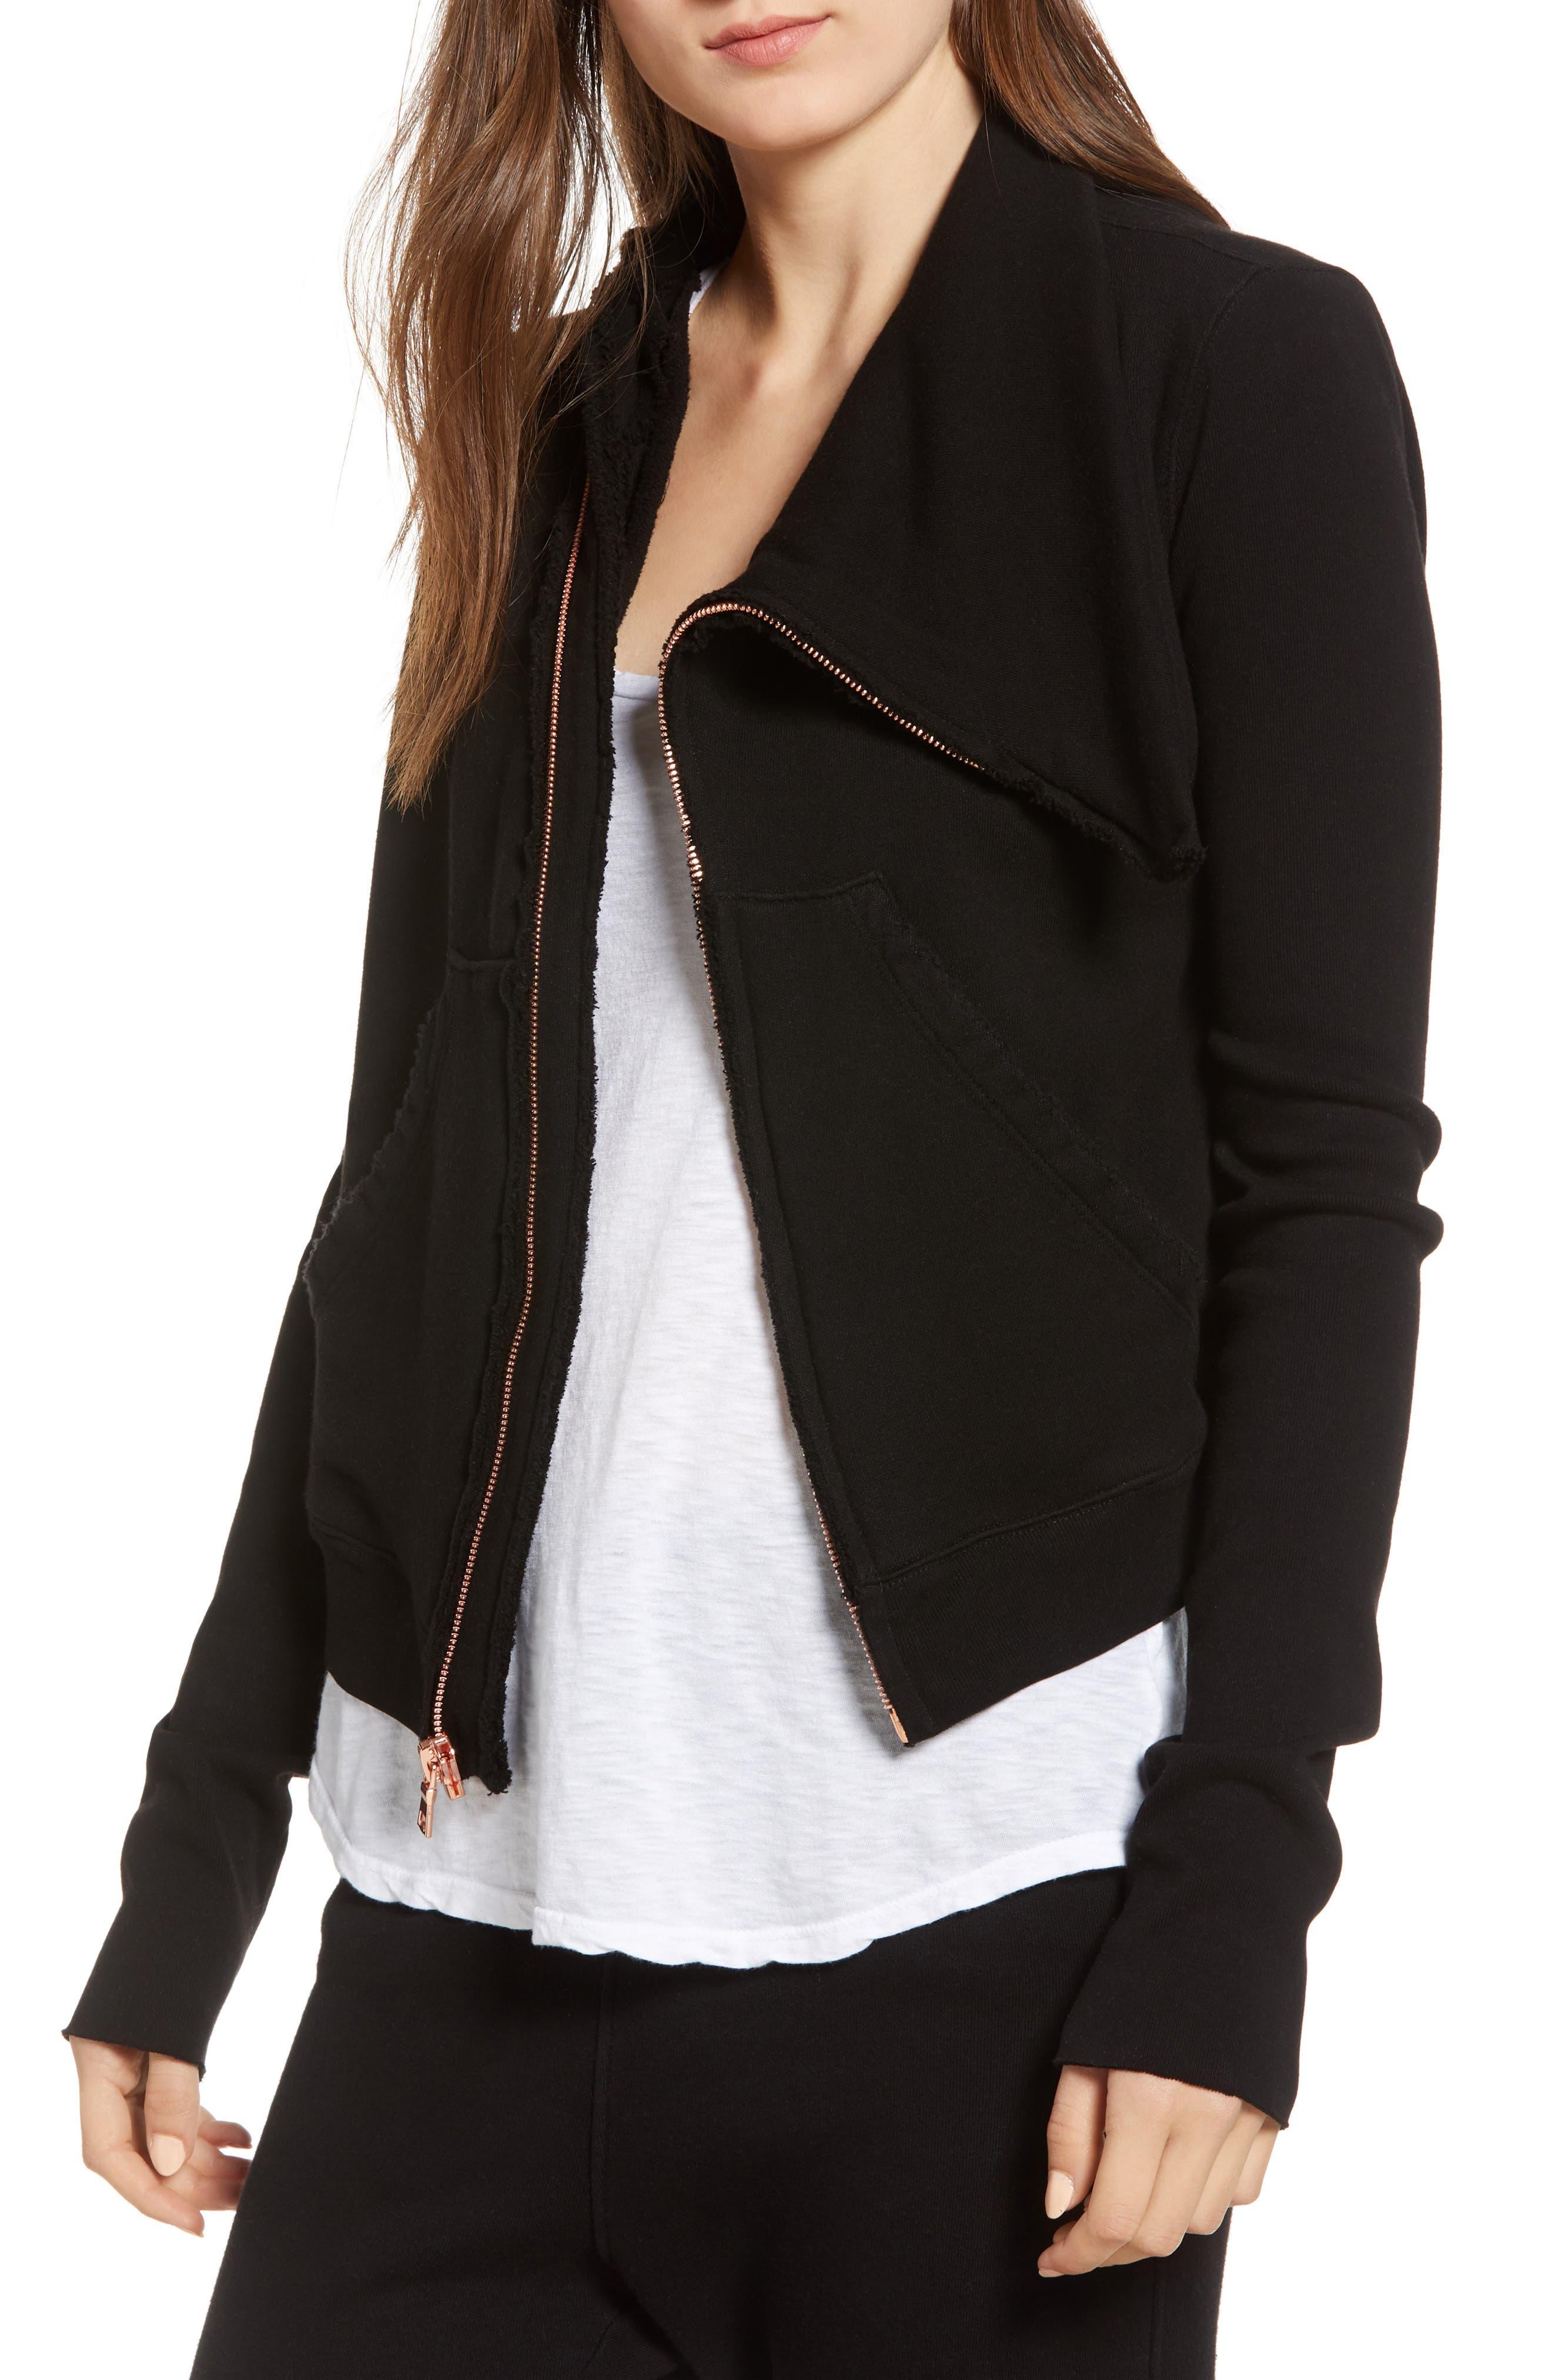 FRANK & EILEEN TEE LAB Frank & Eileen Asymmetrical Zip Fleece Jacket in Blackout